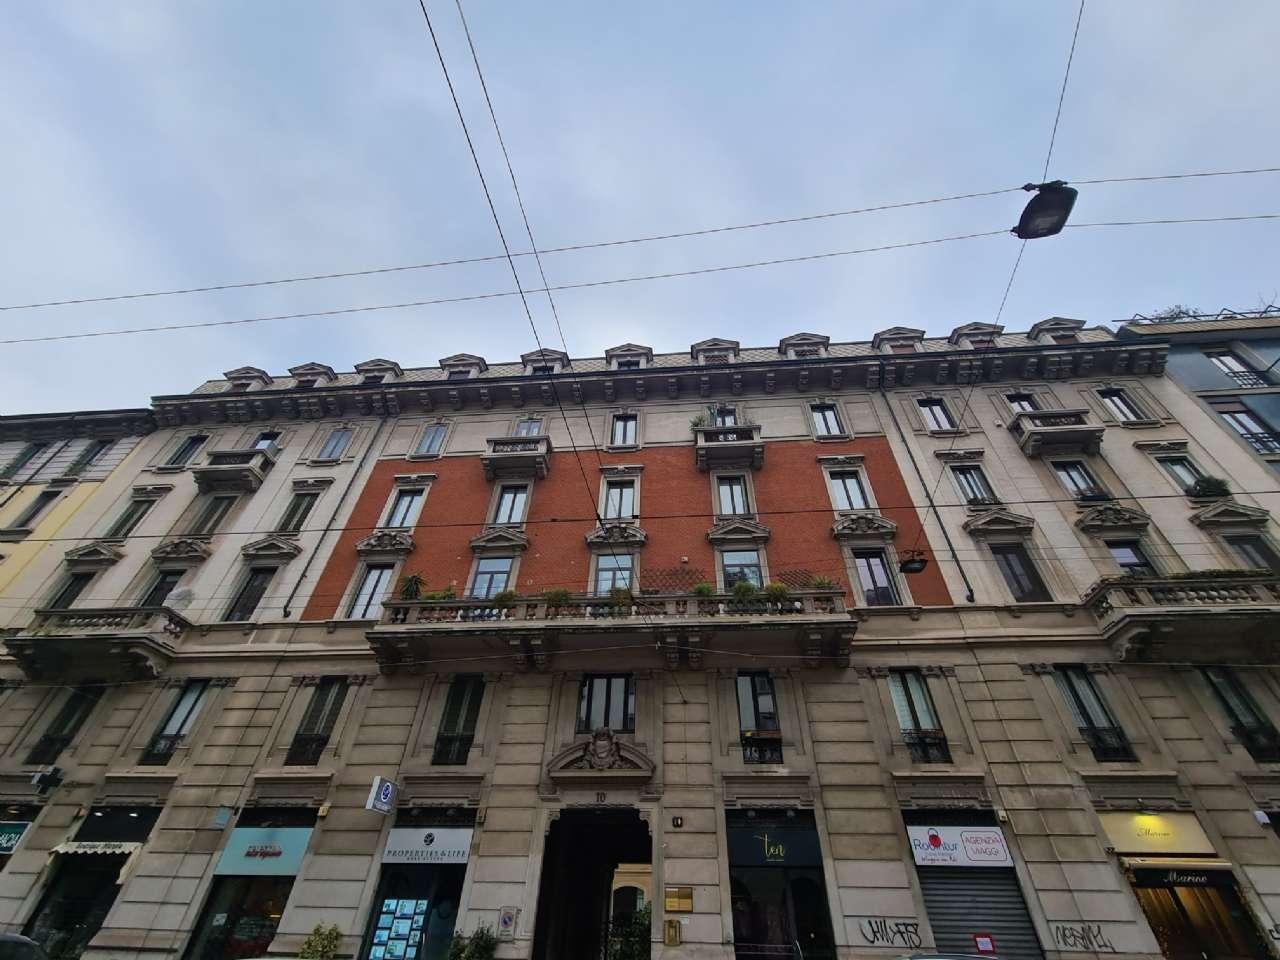 Appartamento in Vendita a Milano 08 Vercelli / Magenta / Cadorna / Washington: 3 locali, 117 mq